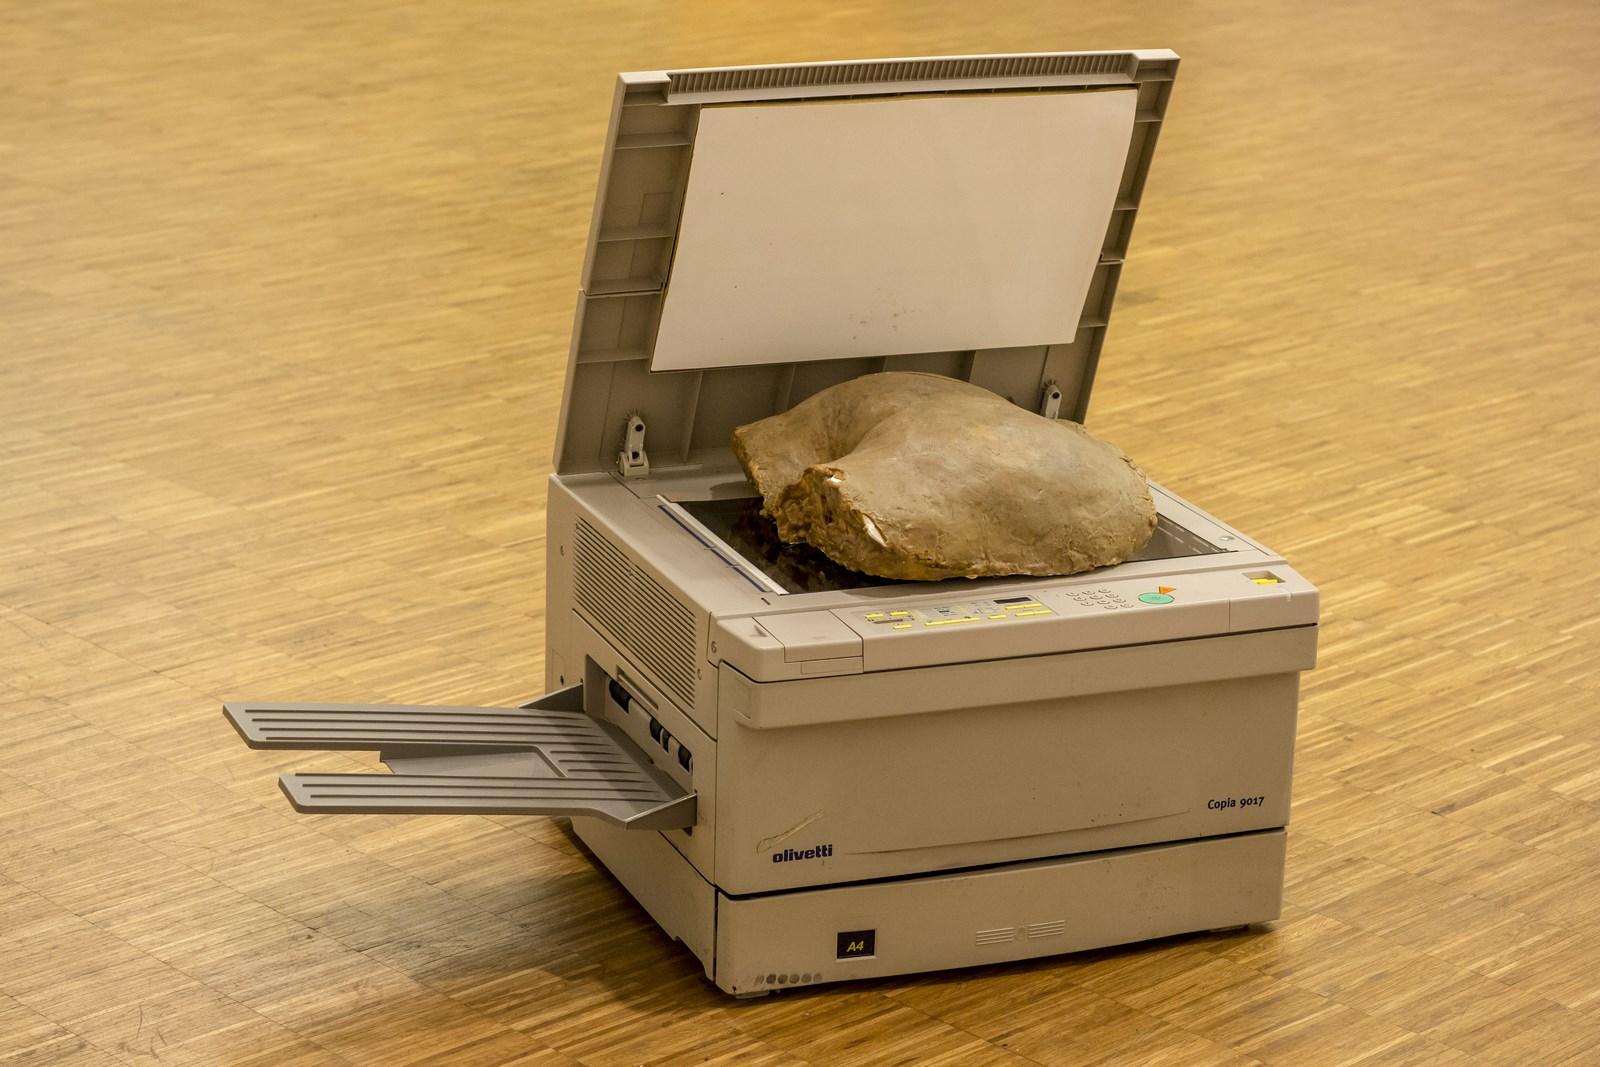 Sislej Xhafa, Whispering Ink, maszyna kserograficzna, forma zwosku, 2009, dzięki uprzejmości GALLERIA CONTINUA, San Gimignano / Beijing / Les Moulins / Habana